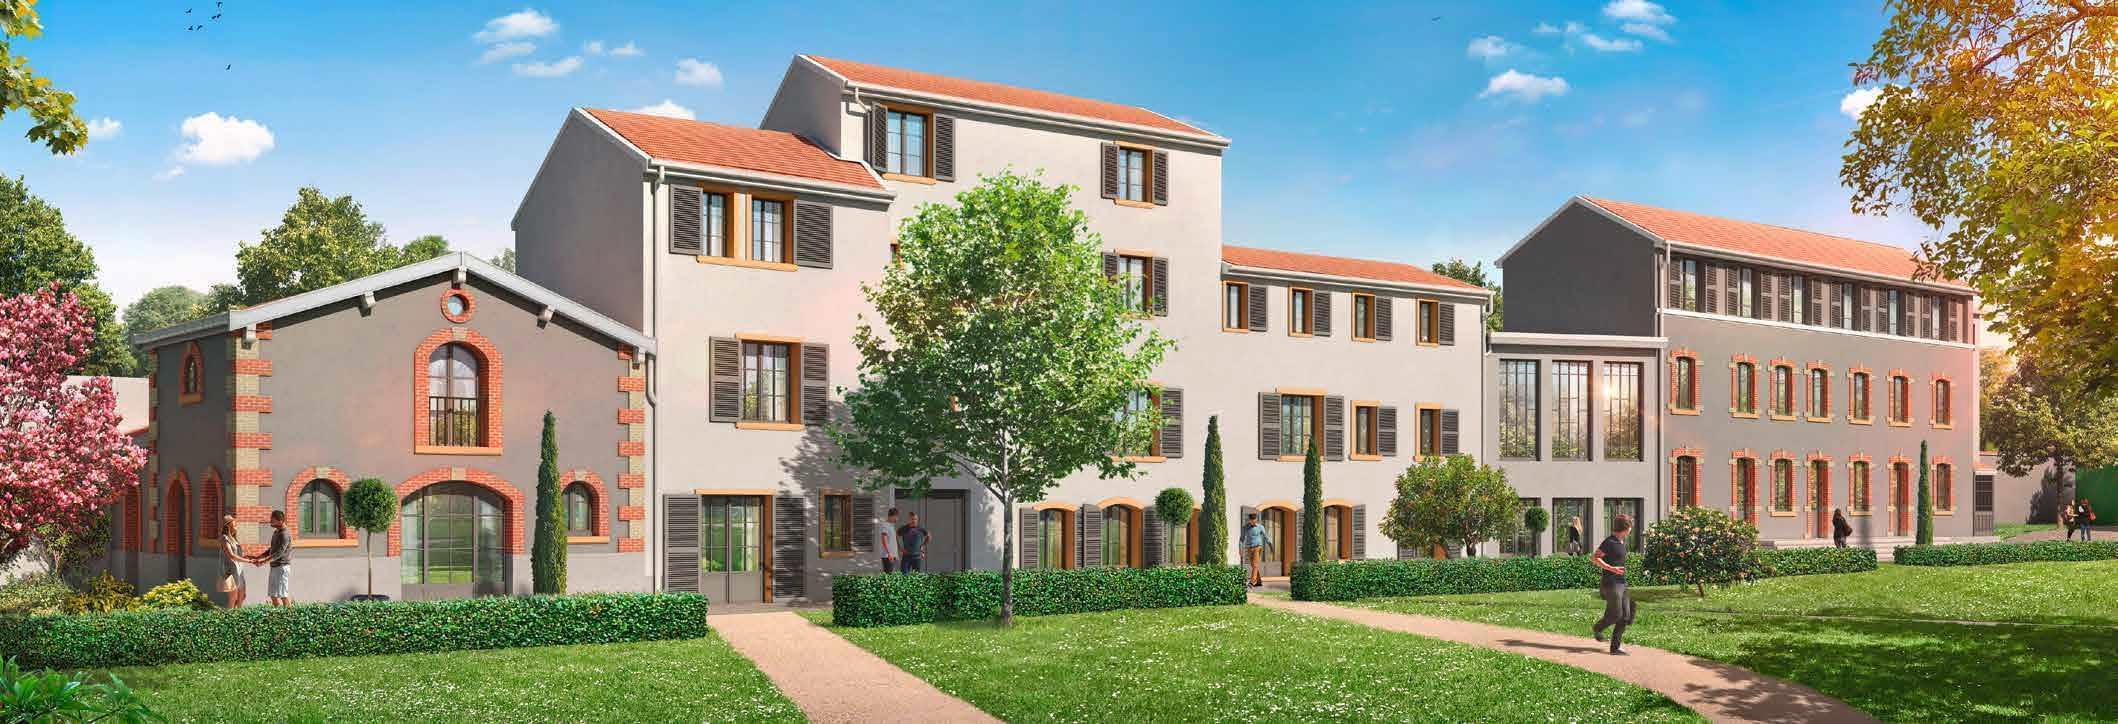 Investissement immobilier d ficit foncier lyon 5 jardins for Appartement atypique lyon 5